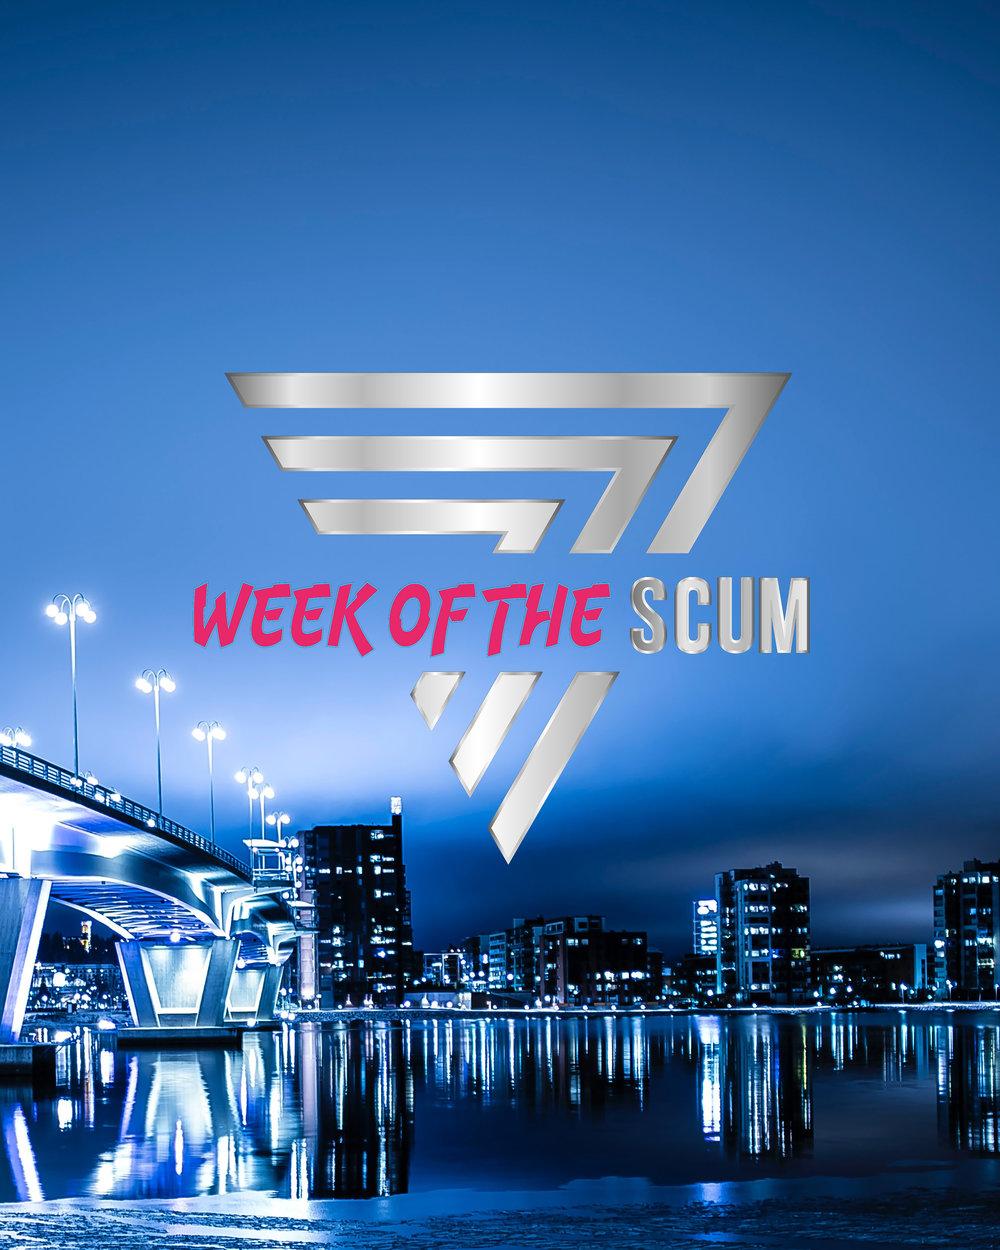 Een hele week lang creatie van 't stad made by SCUM STUDIOS.